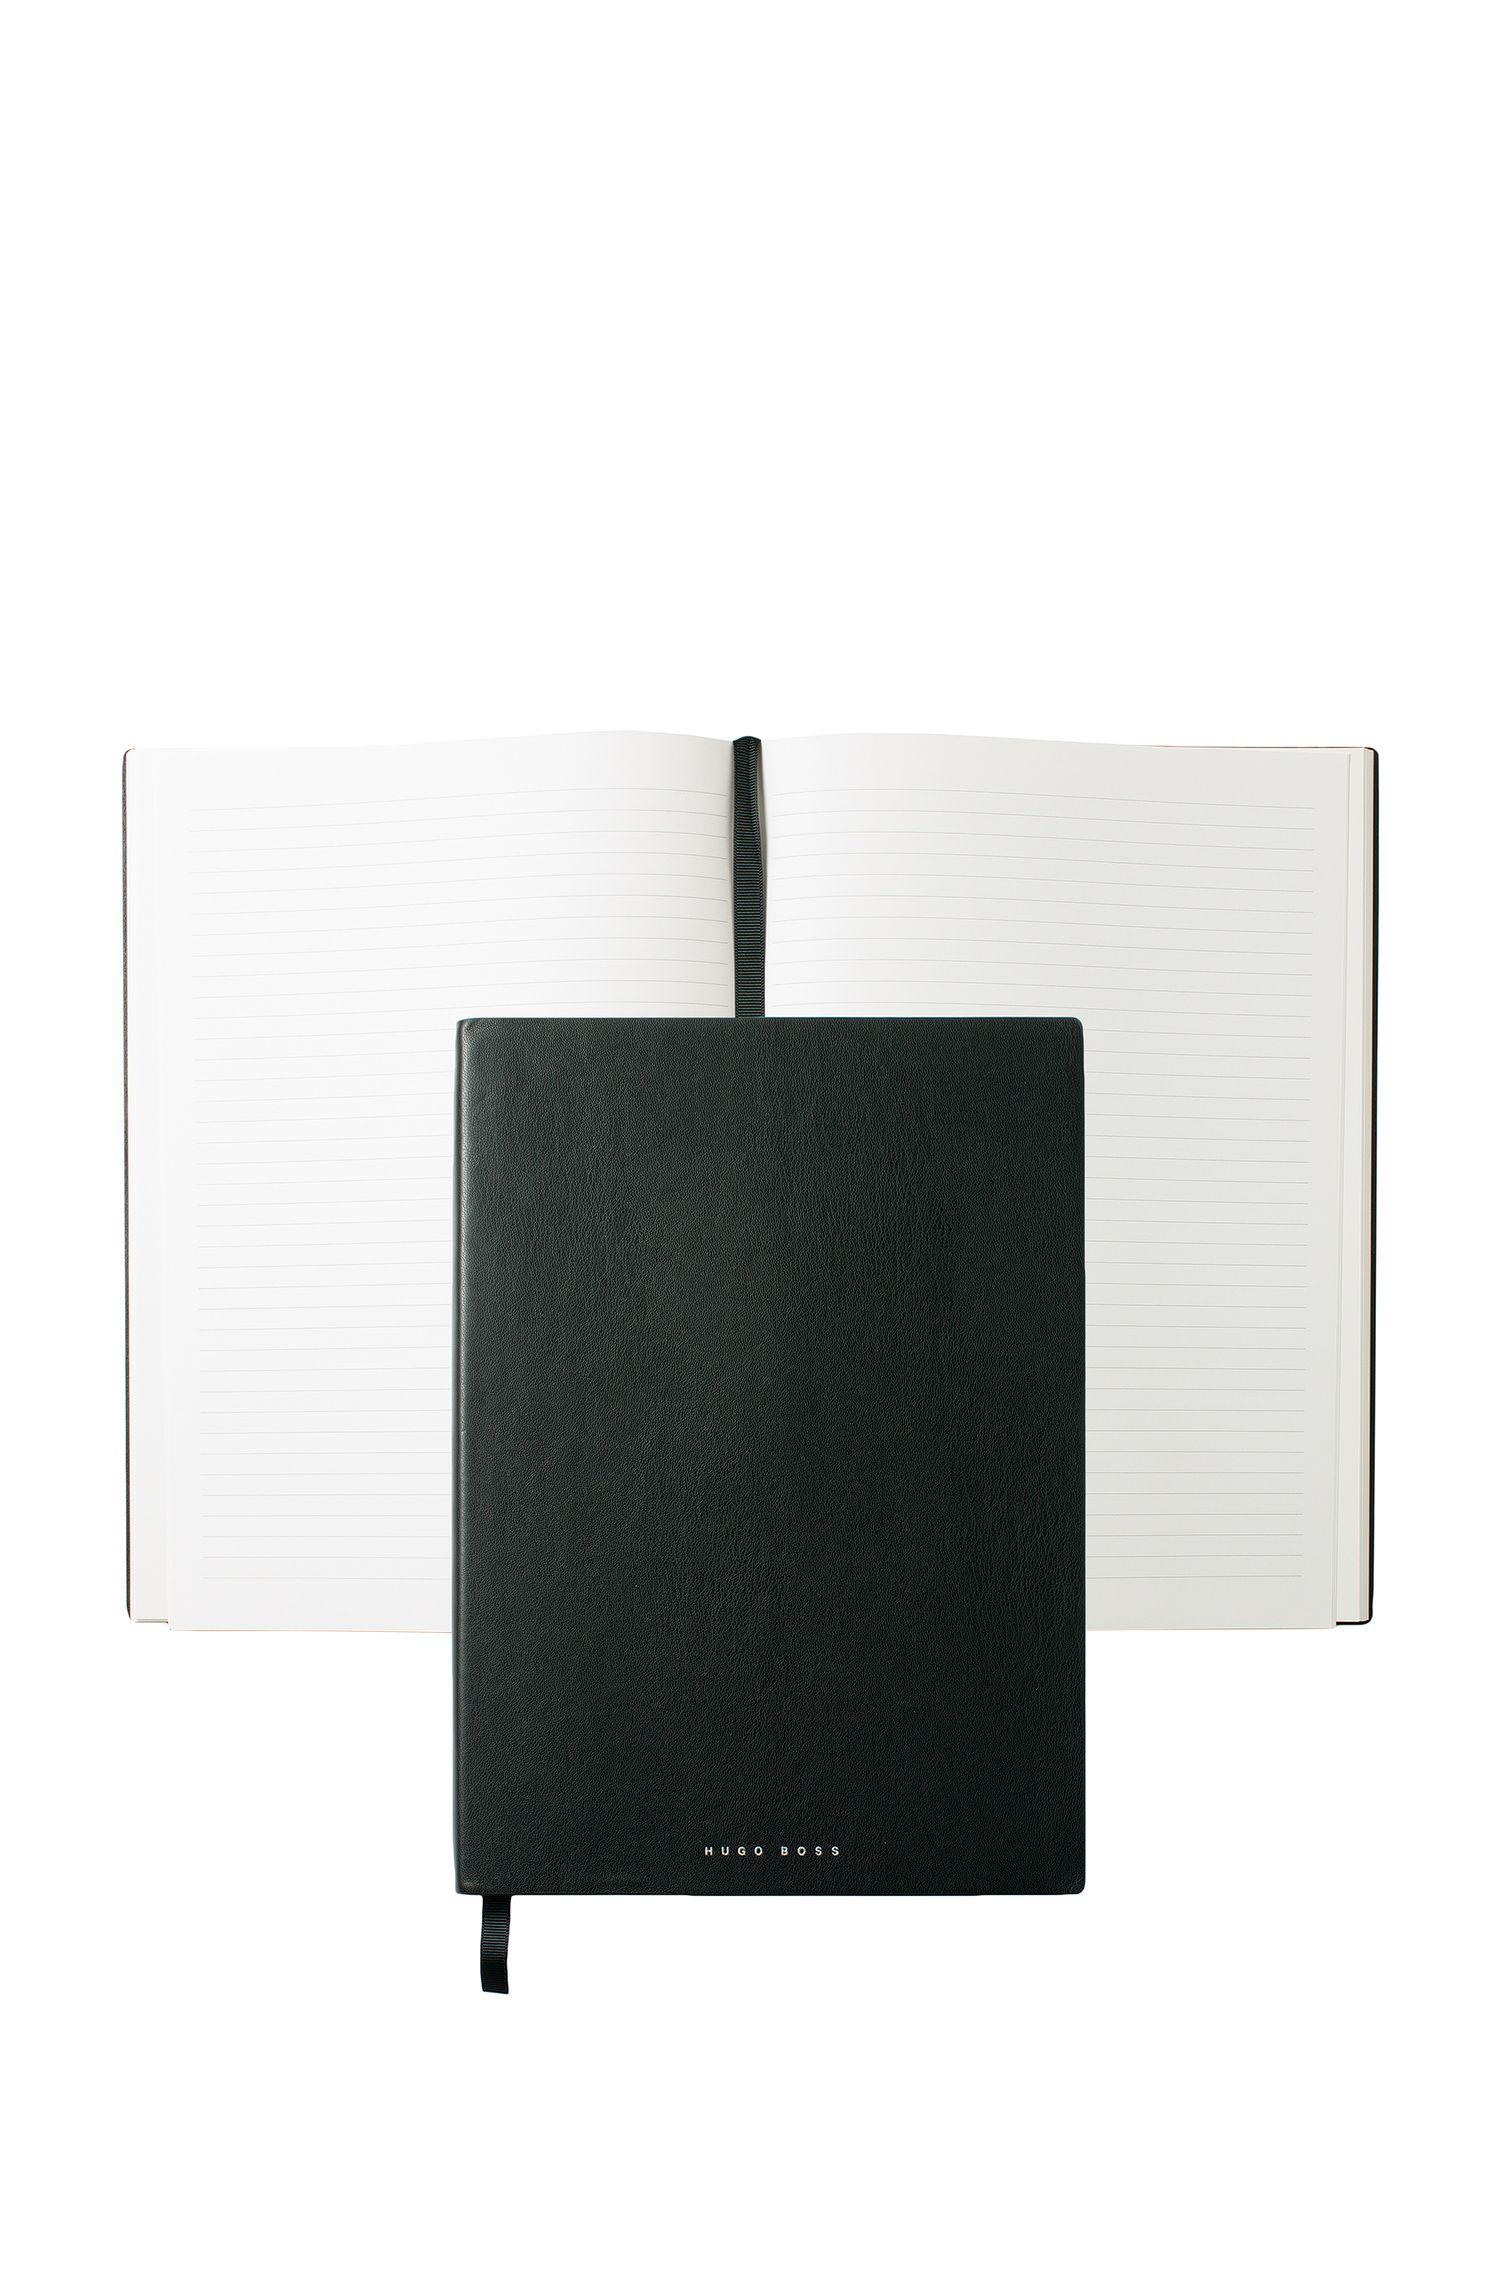 DIN-A4-Notizbuch aus Kunstleder mit liniertem Papier